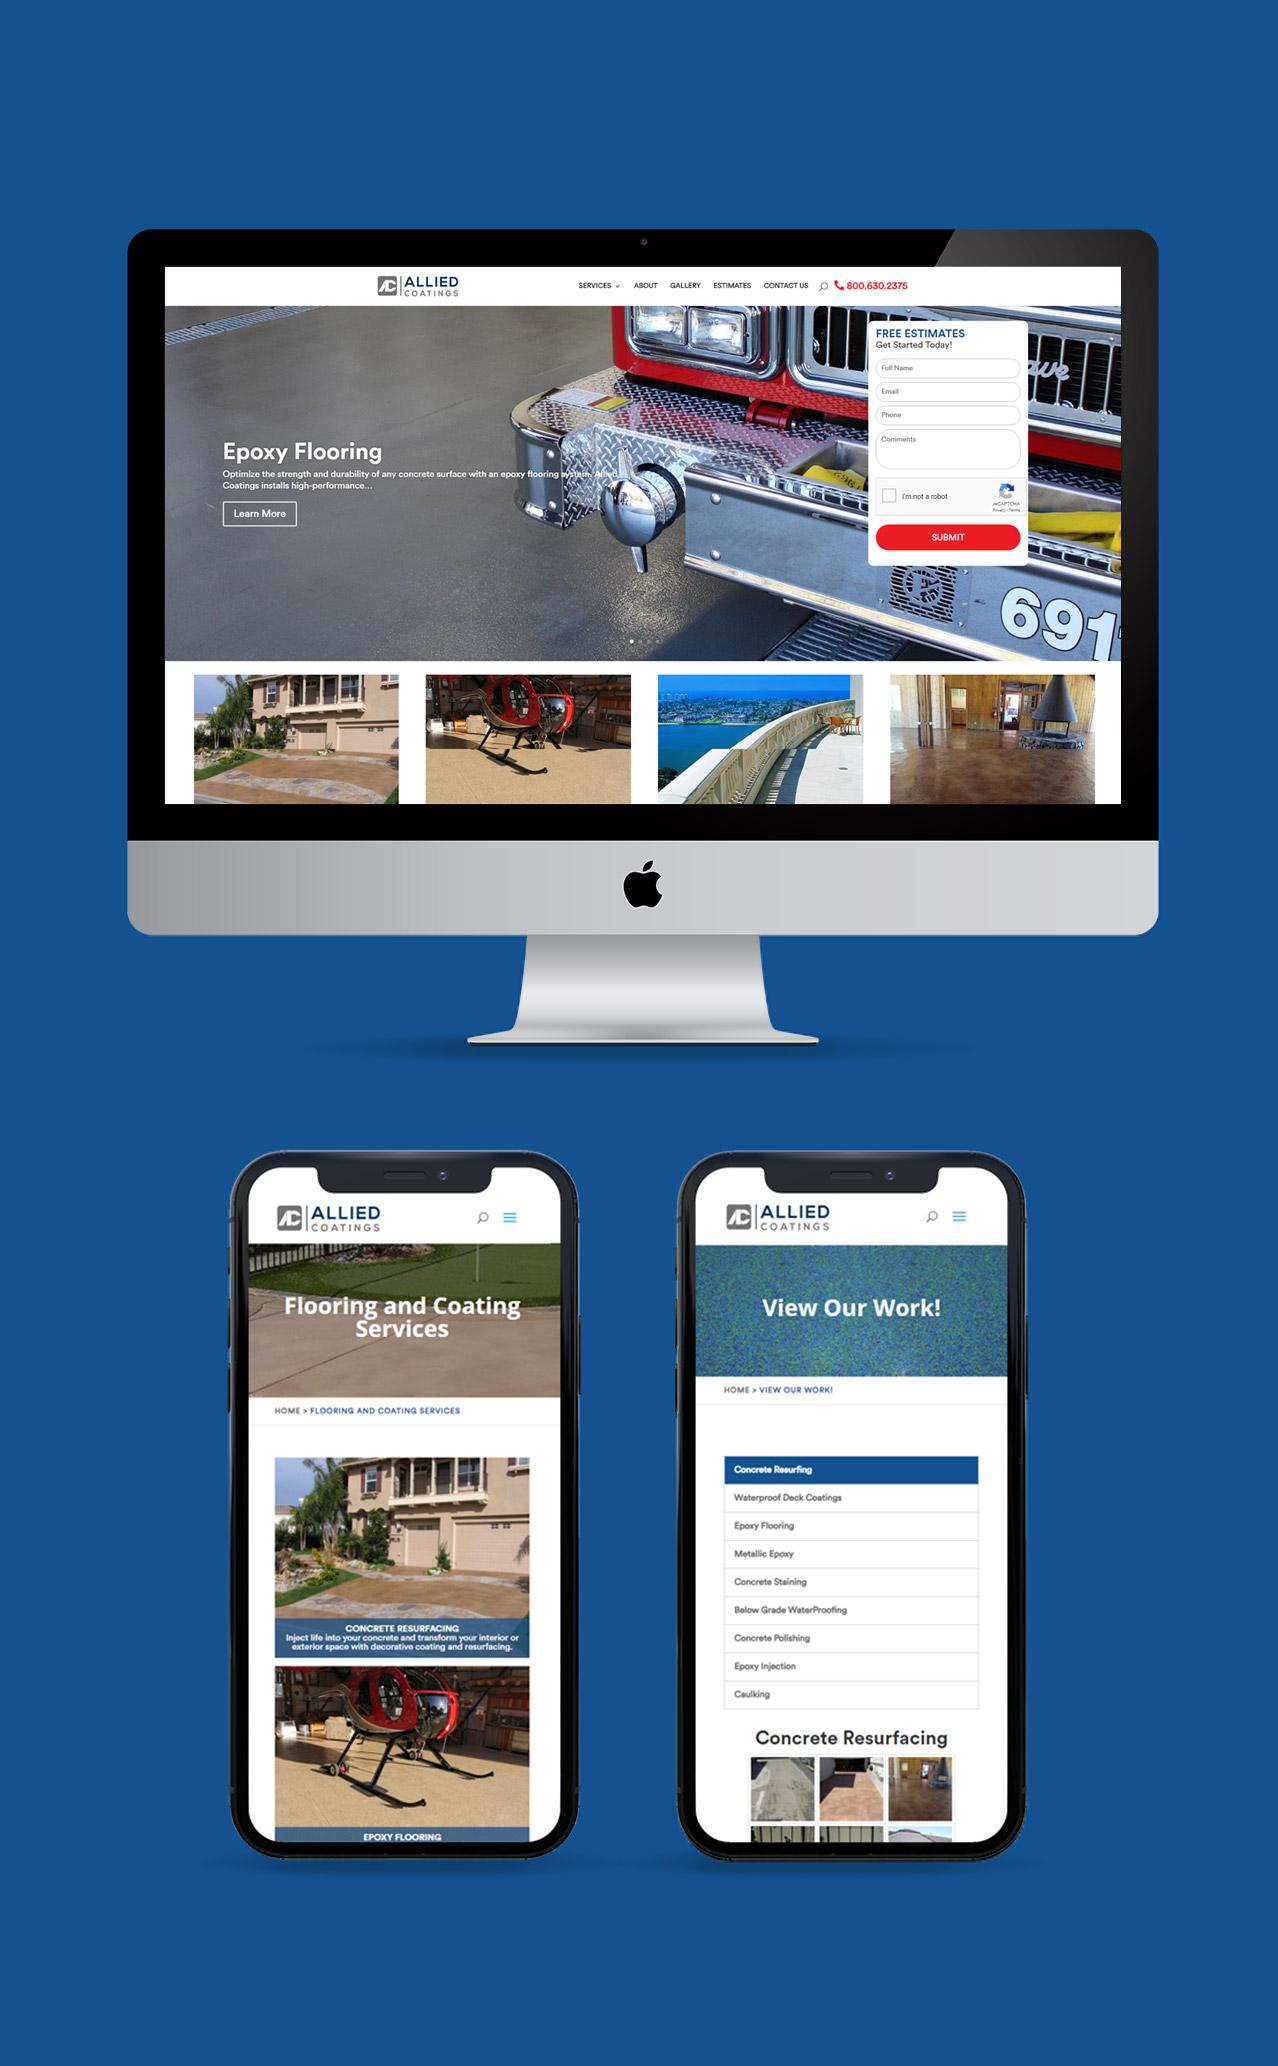 Allied Coatings website